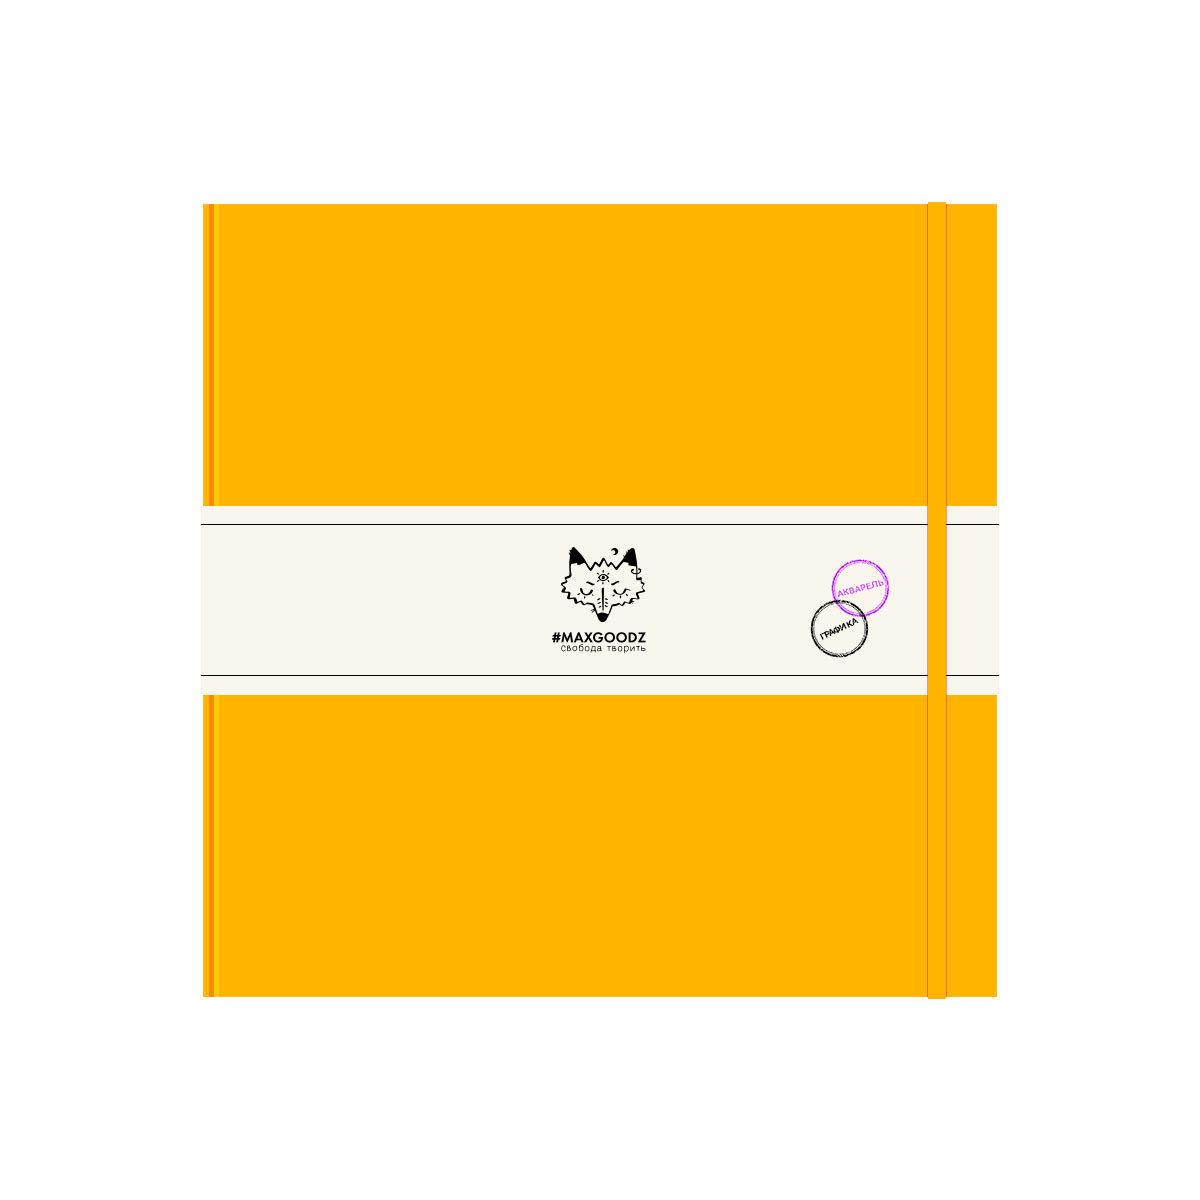 Купить Скетчбук для акварели в твёрдом переплёте Maxgoodz Heavy Aqua 21х21 см, 48 л, 230 г Желтый, Россия